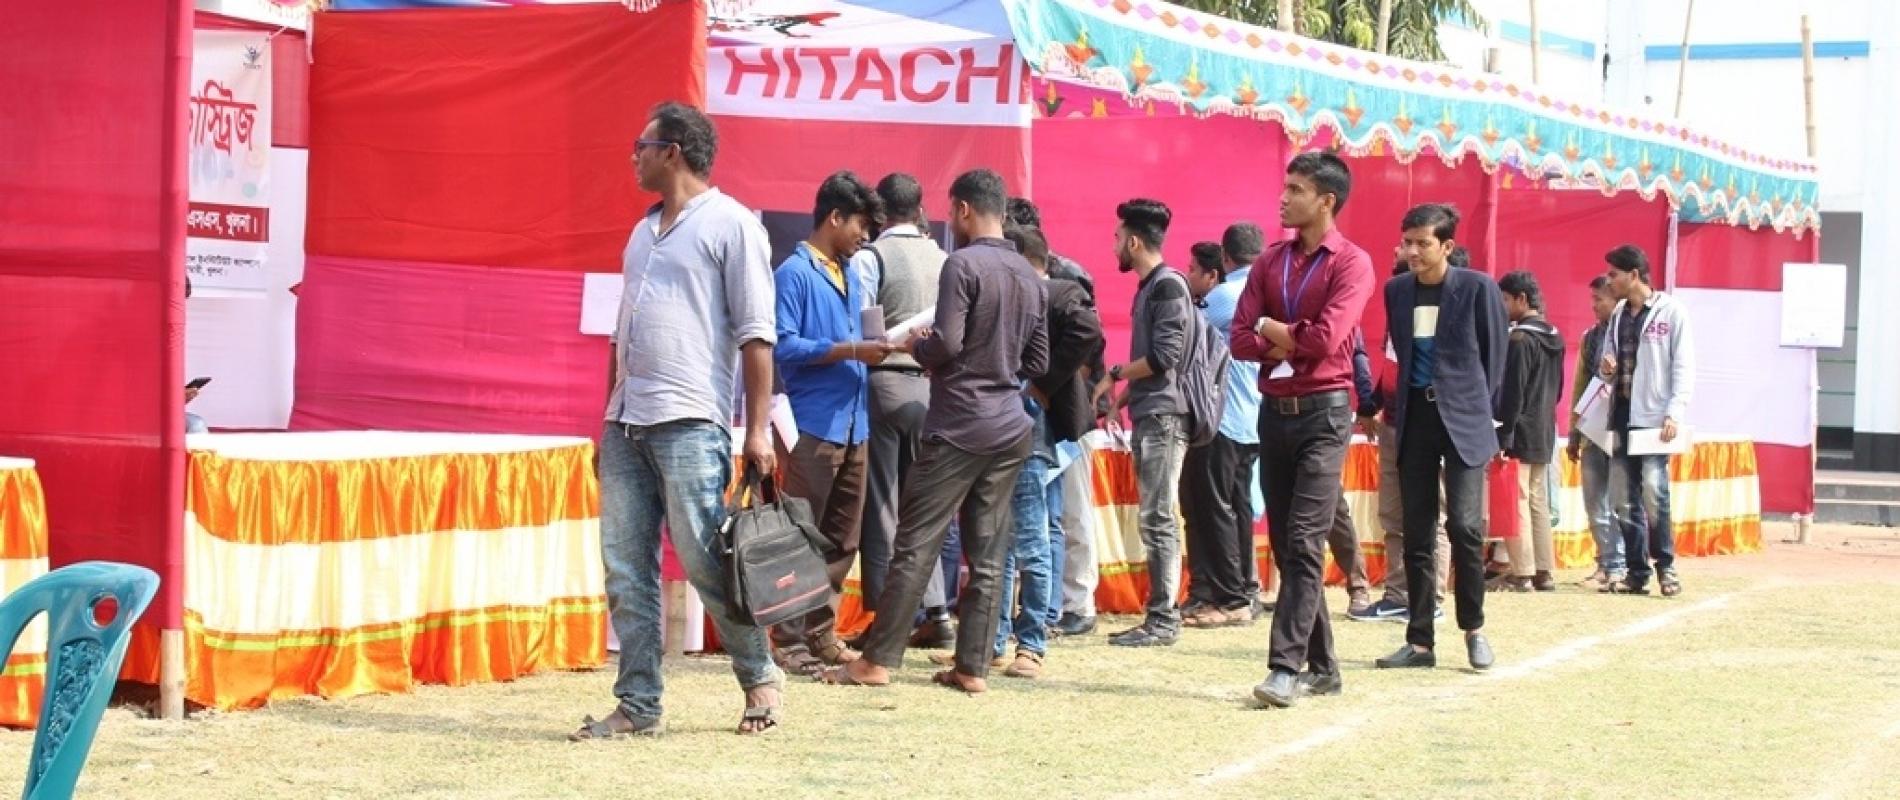 Job fair arranged by jbs